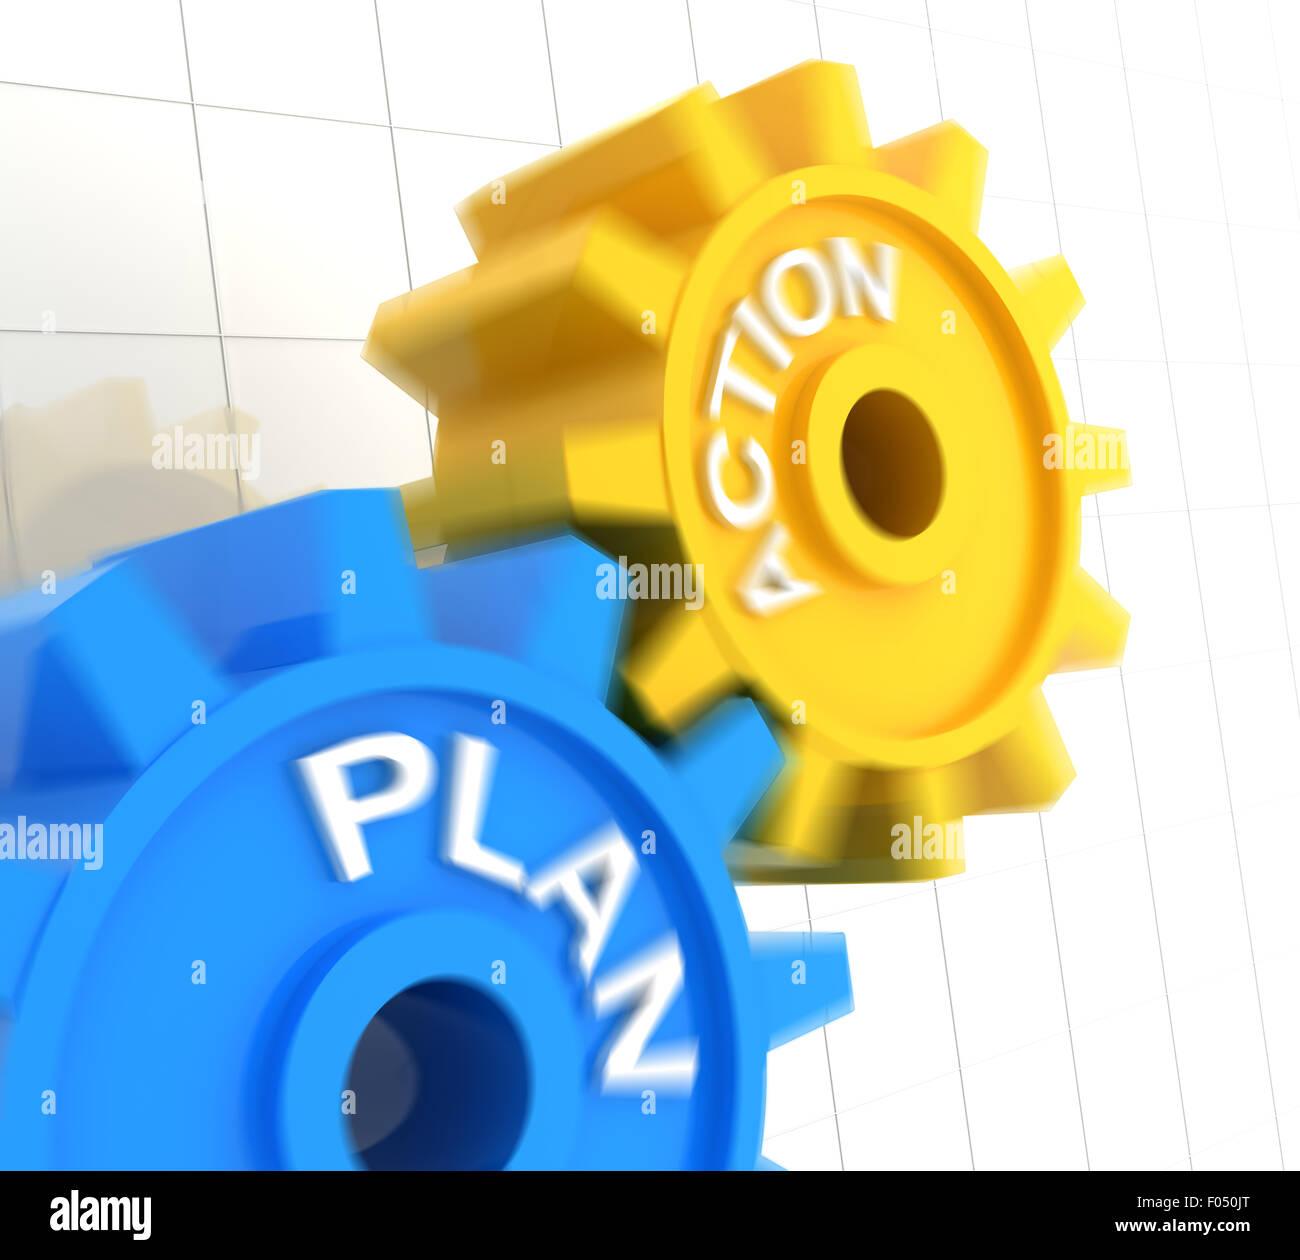 Plan y acción Imagen De Stock